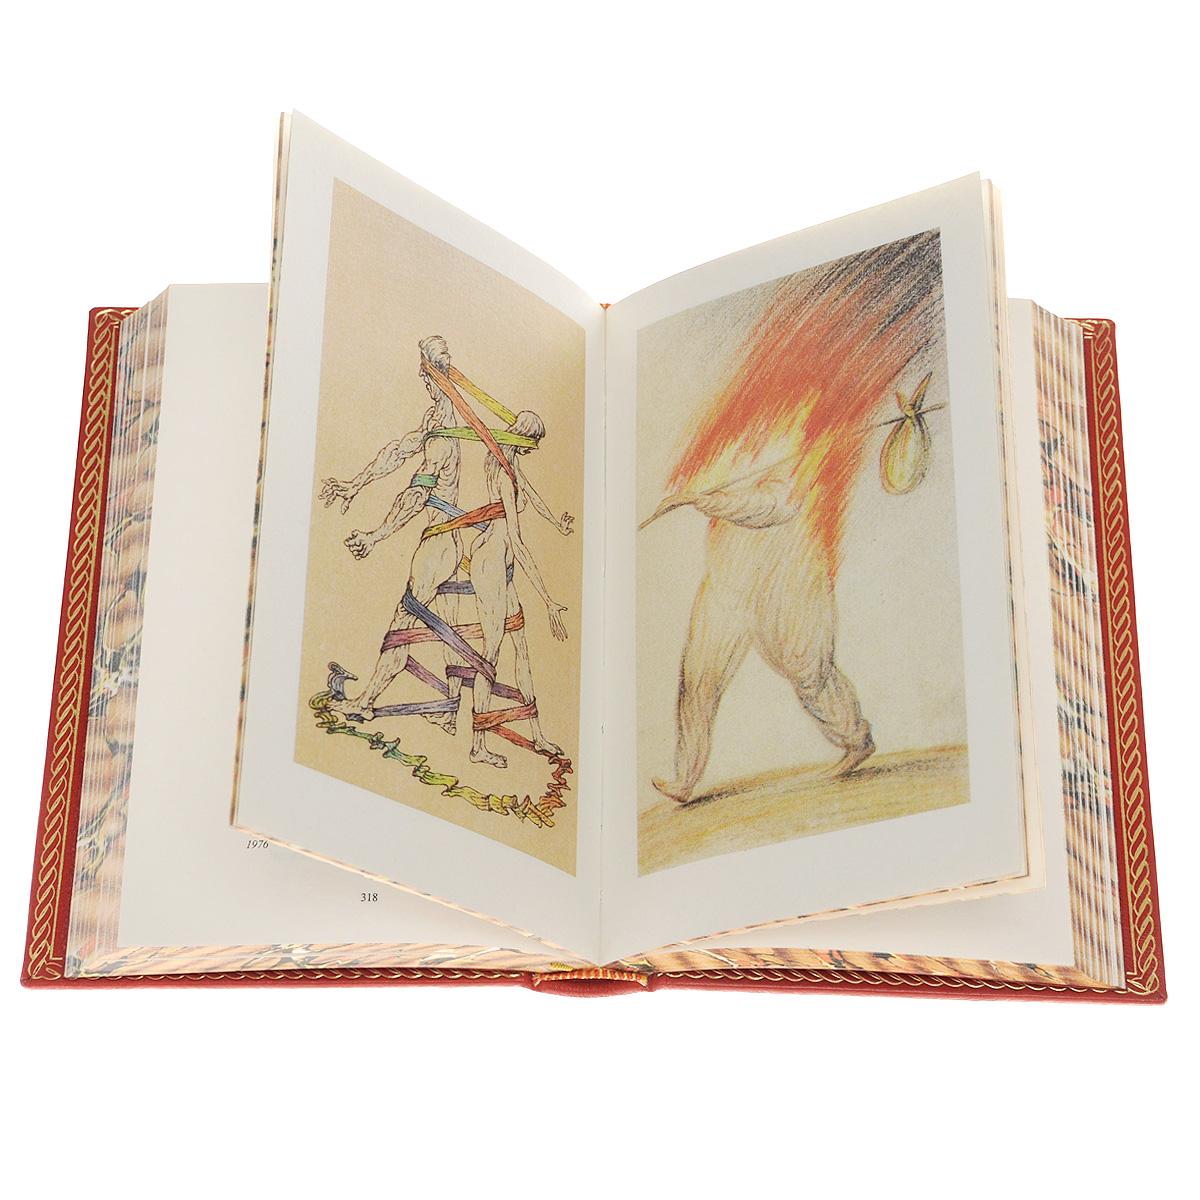 Владимир Высоцкий. Собрание сочинений в 2 томах (комплект)